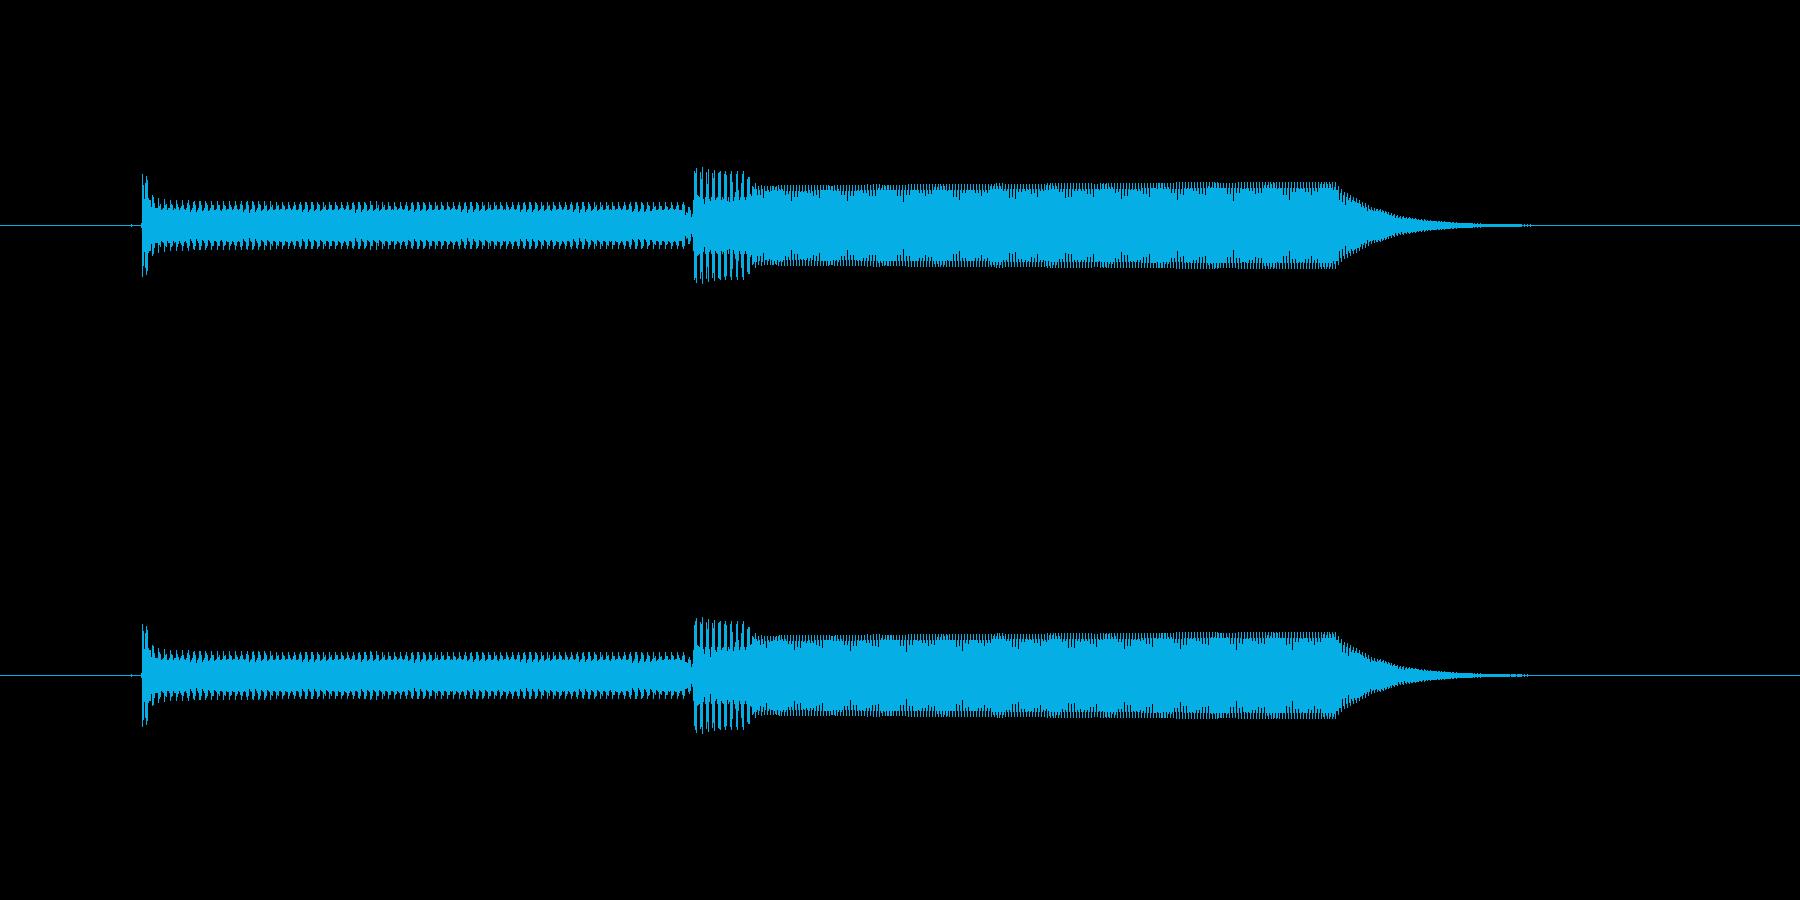 ピコ(電子音)の再生済みの波形